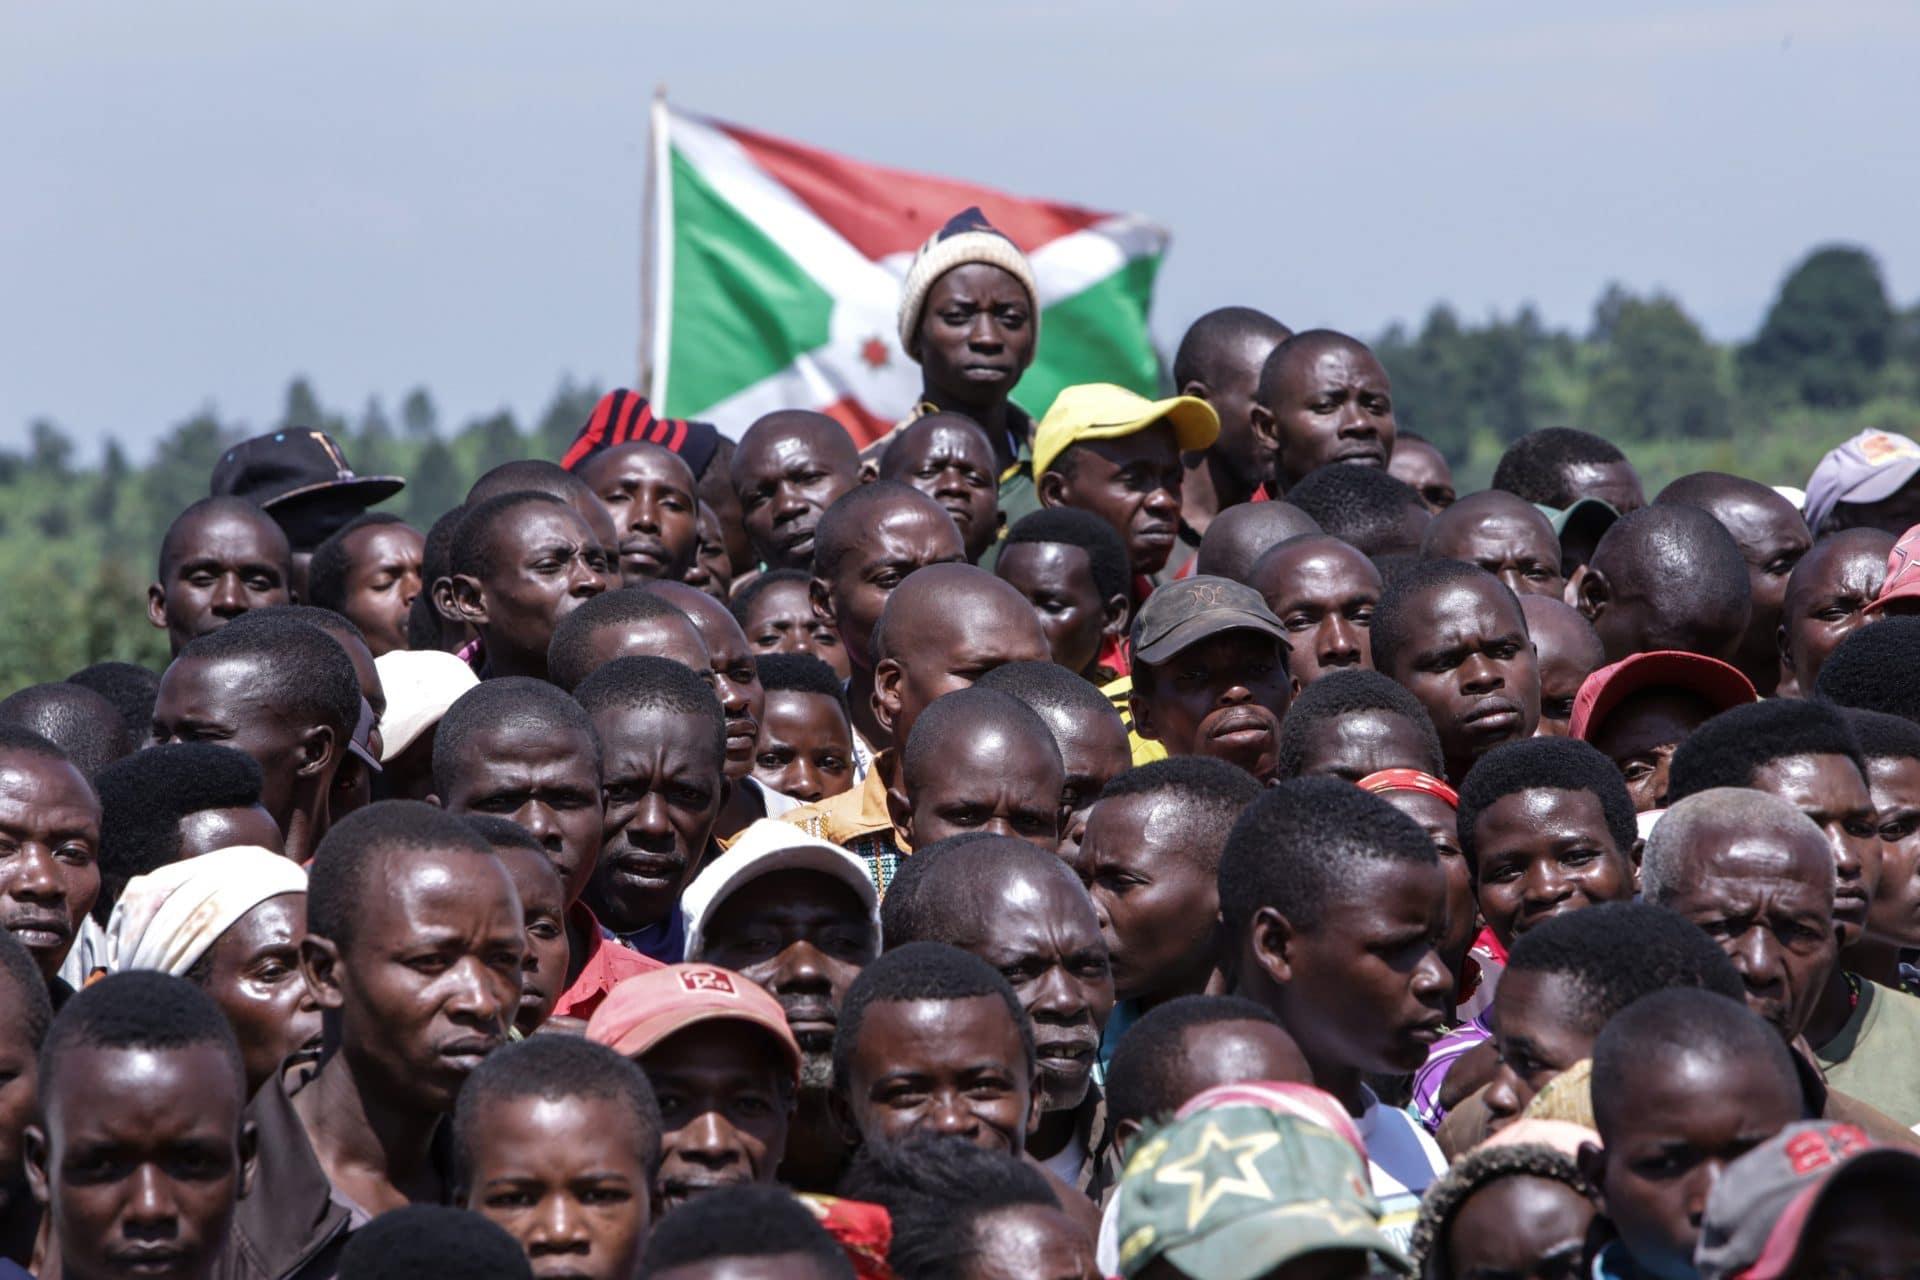 Burundi, Il Governo Pretende Di Conoscere La Composizione Etnica Delle Ong